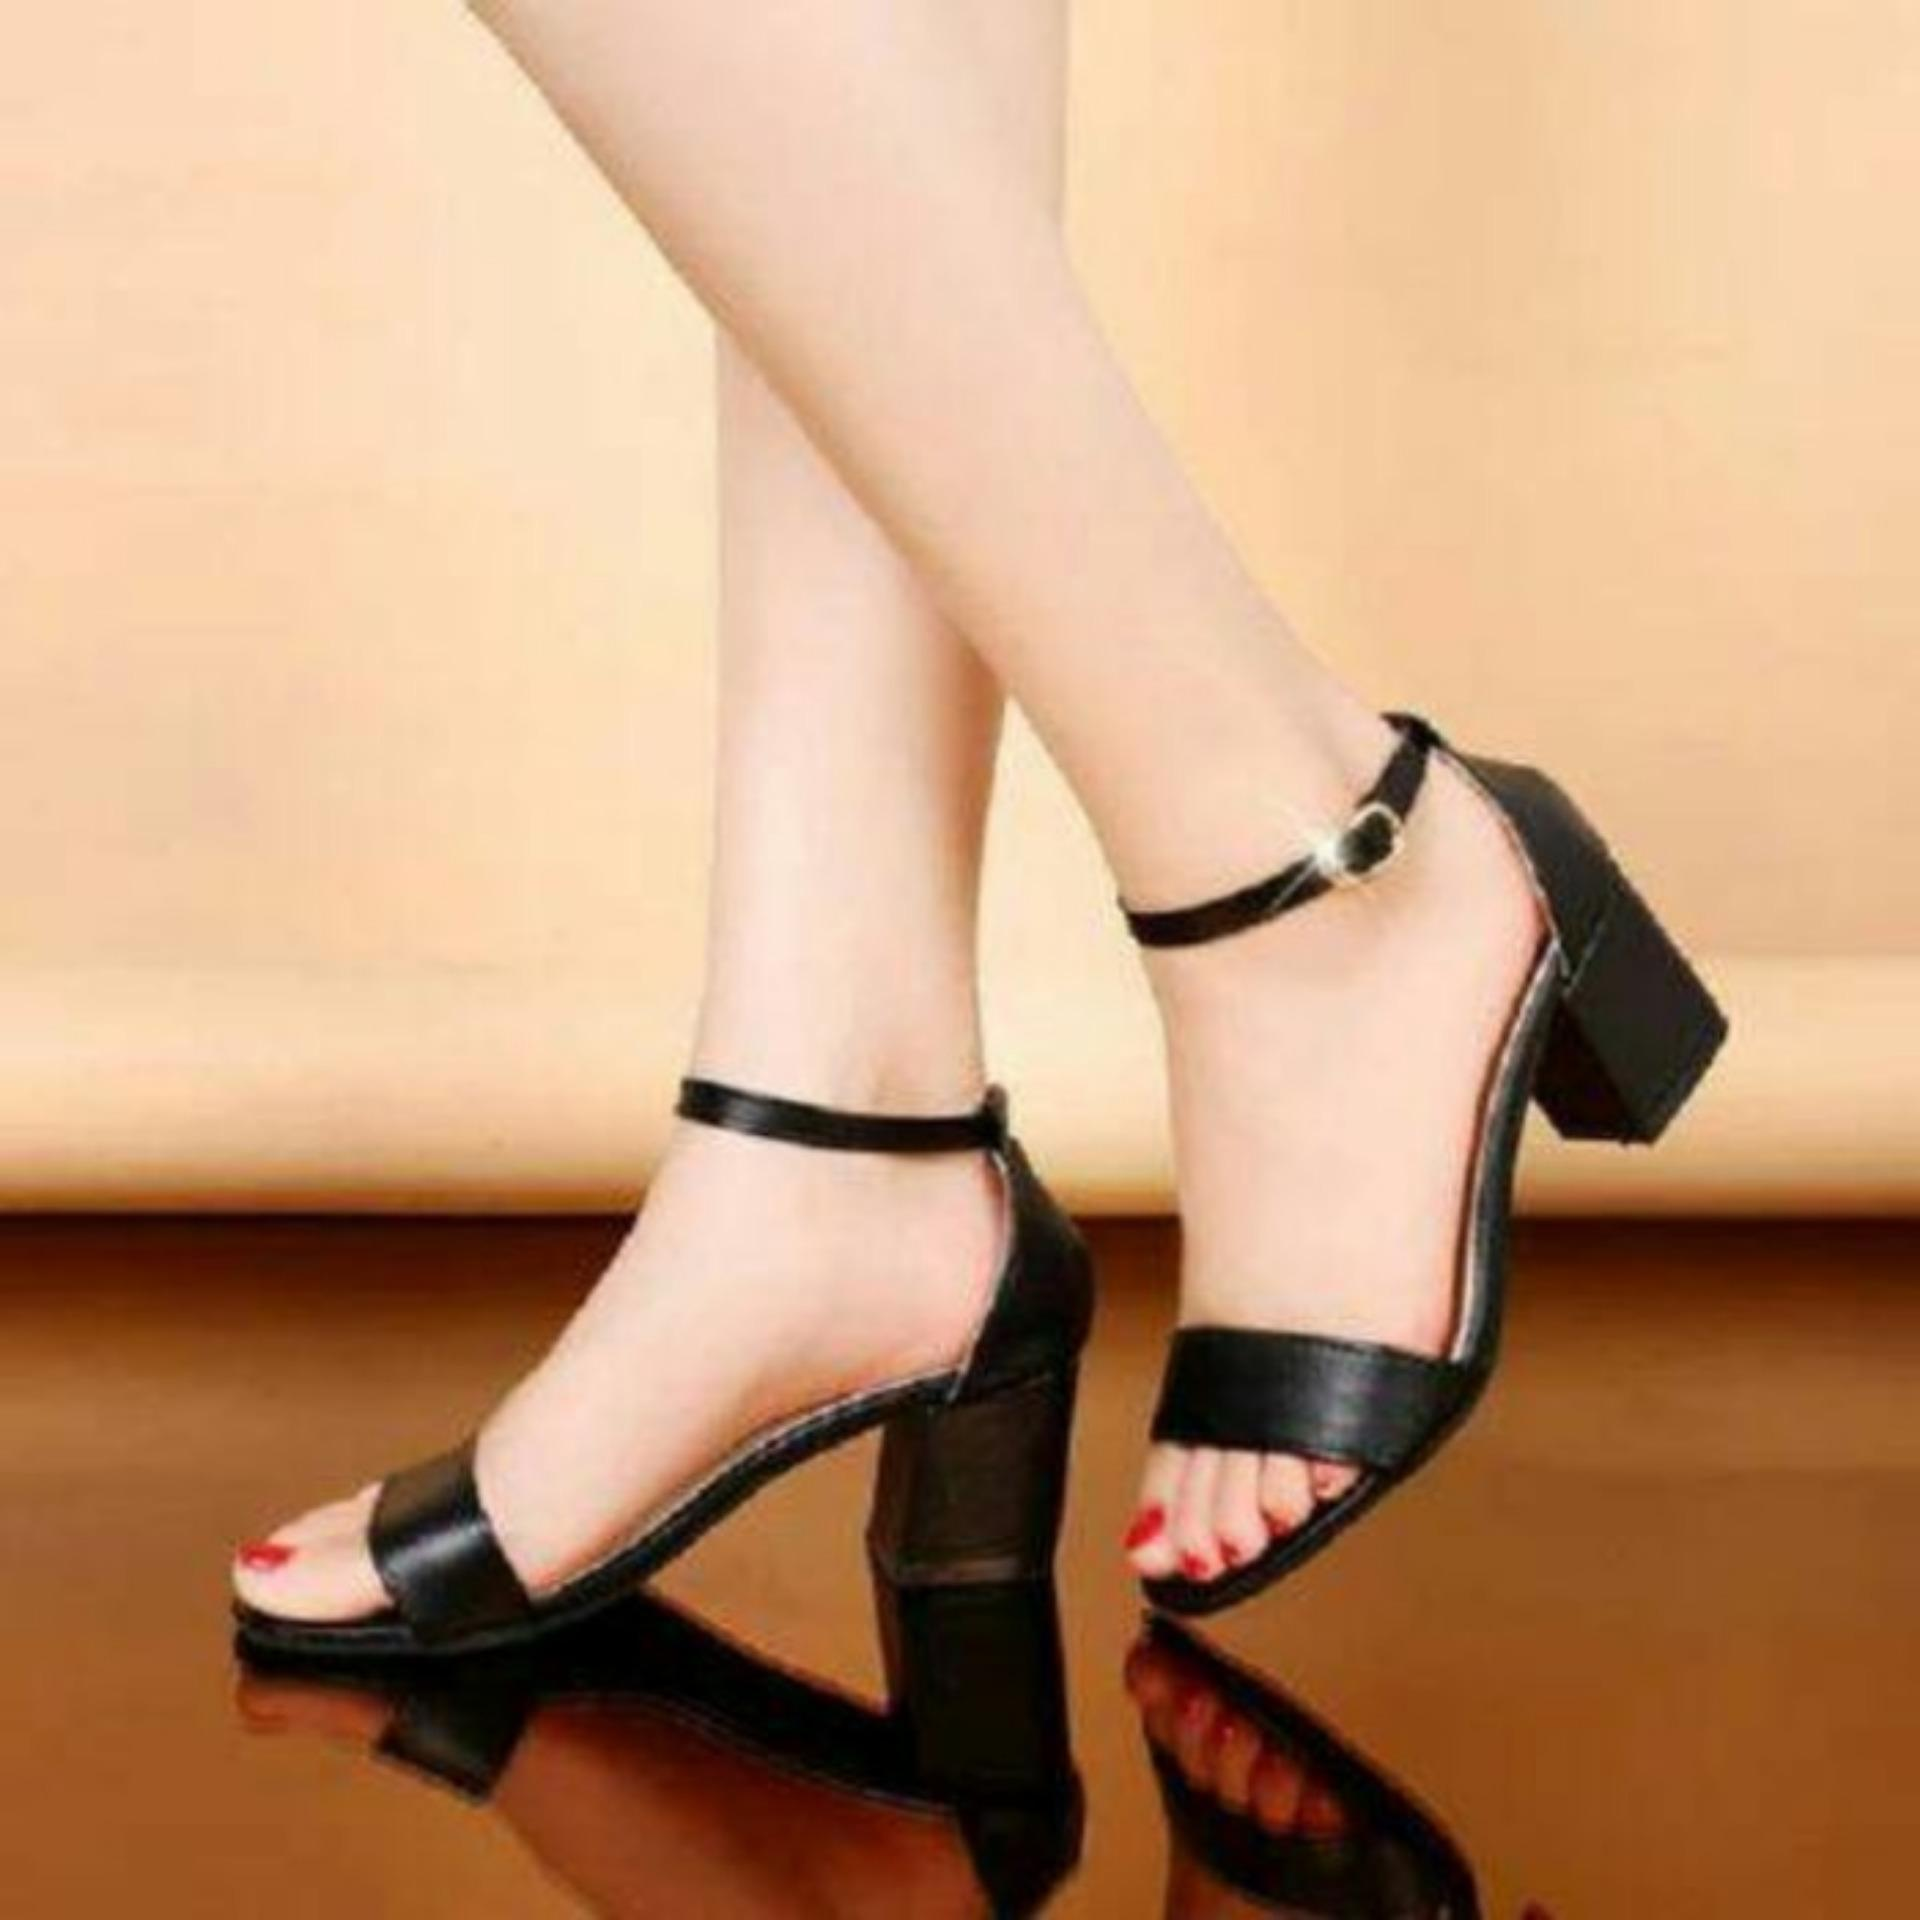 Jual Sandal Dan Sepatu Murah Terbaru Termurah Februari 2019 ... 27cbd02284